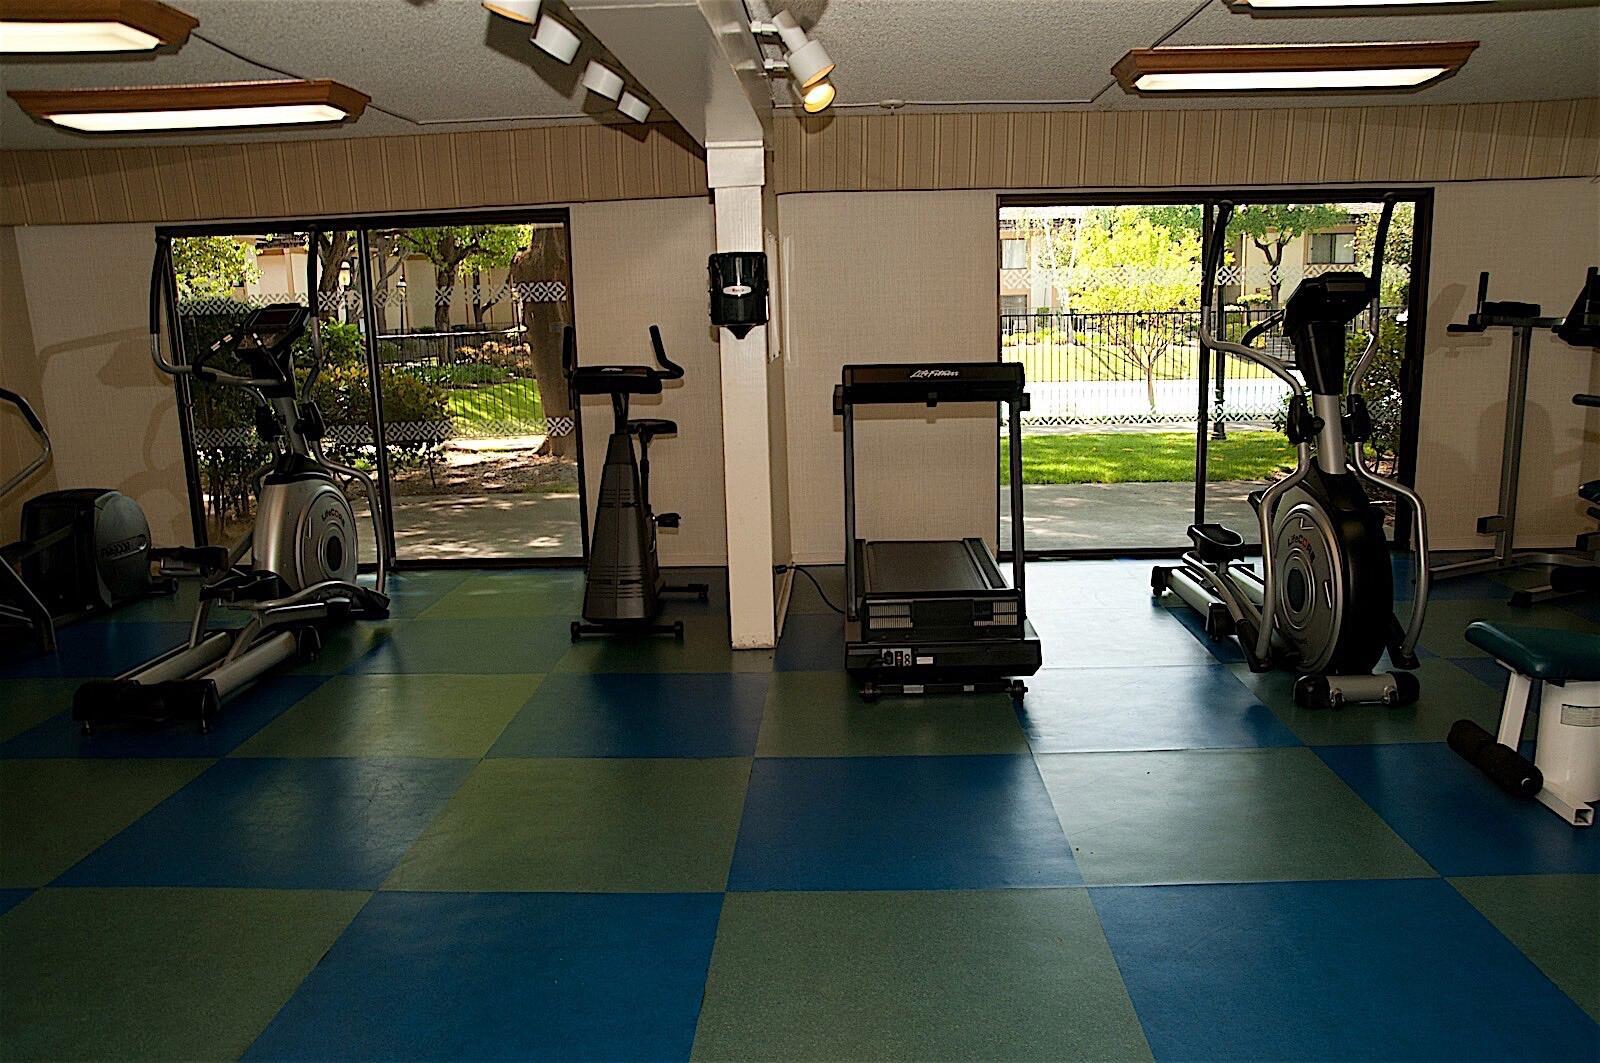 Hotel Fresno Fitness Center